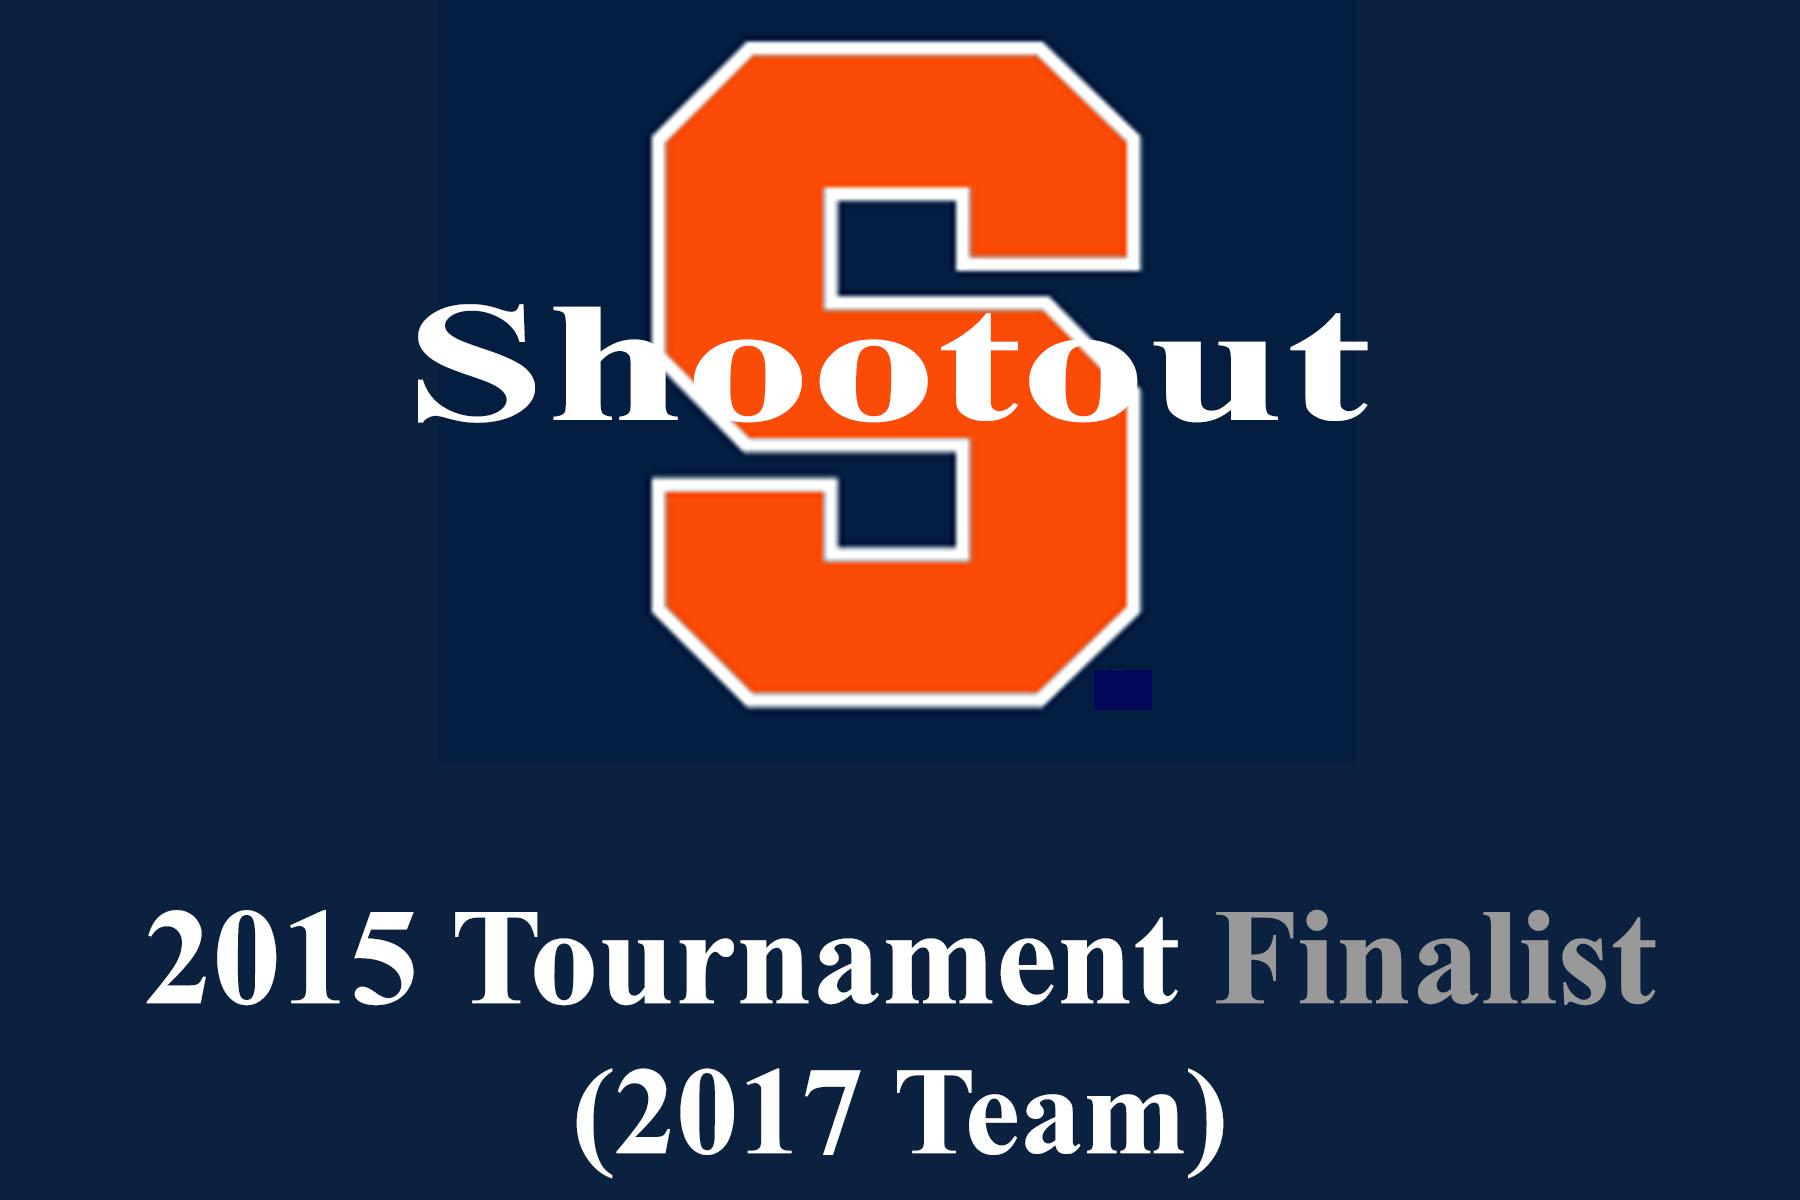 2015 su shootout finalist